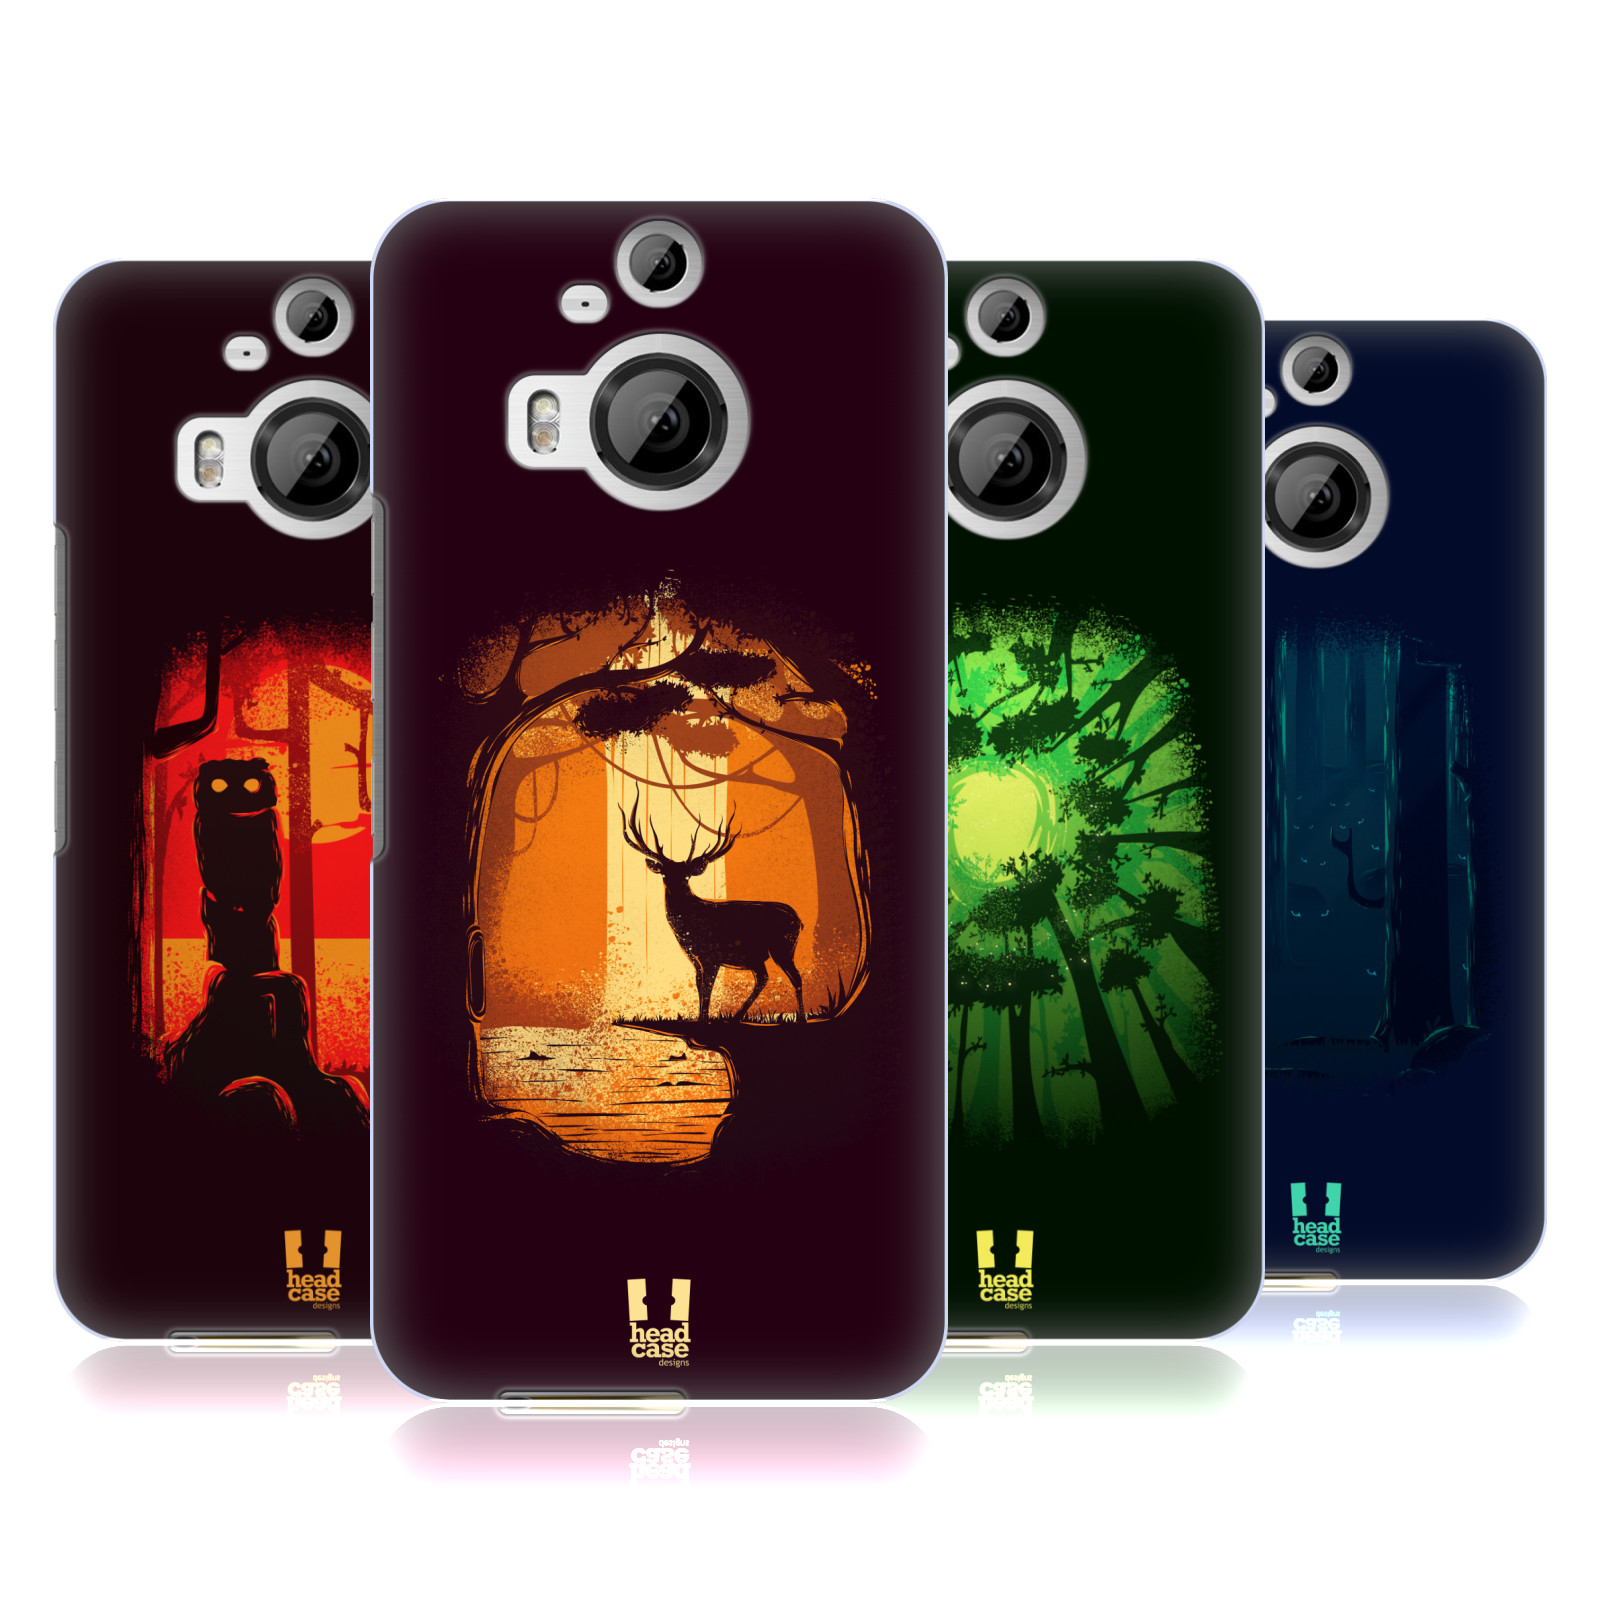 HEAD-CASE-DESIGNS-BEZAUBERNDE-OLIVENHAINE-RUCKSEITE-HULLE-FUR-HTC-HANDYS-2